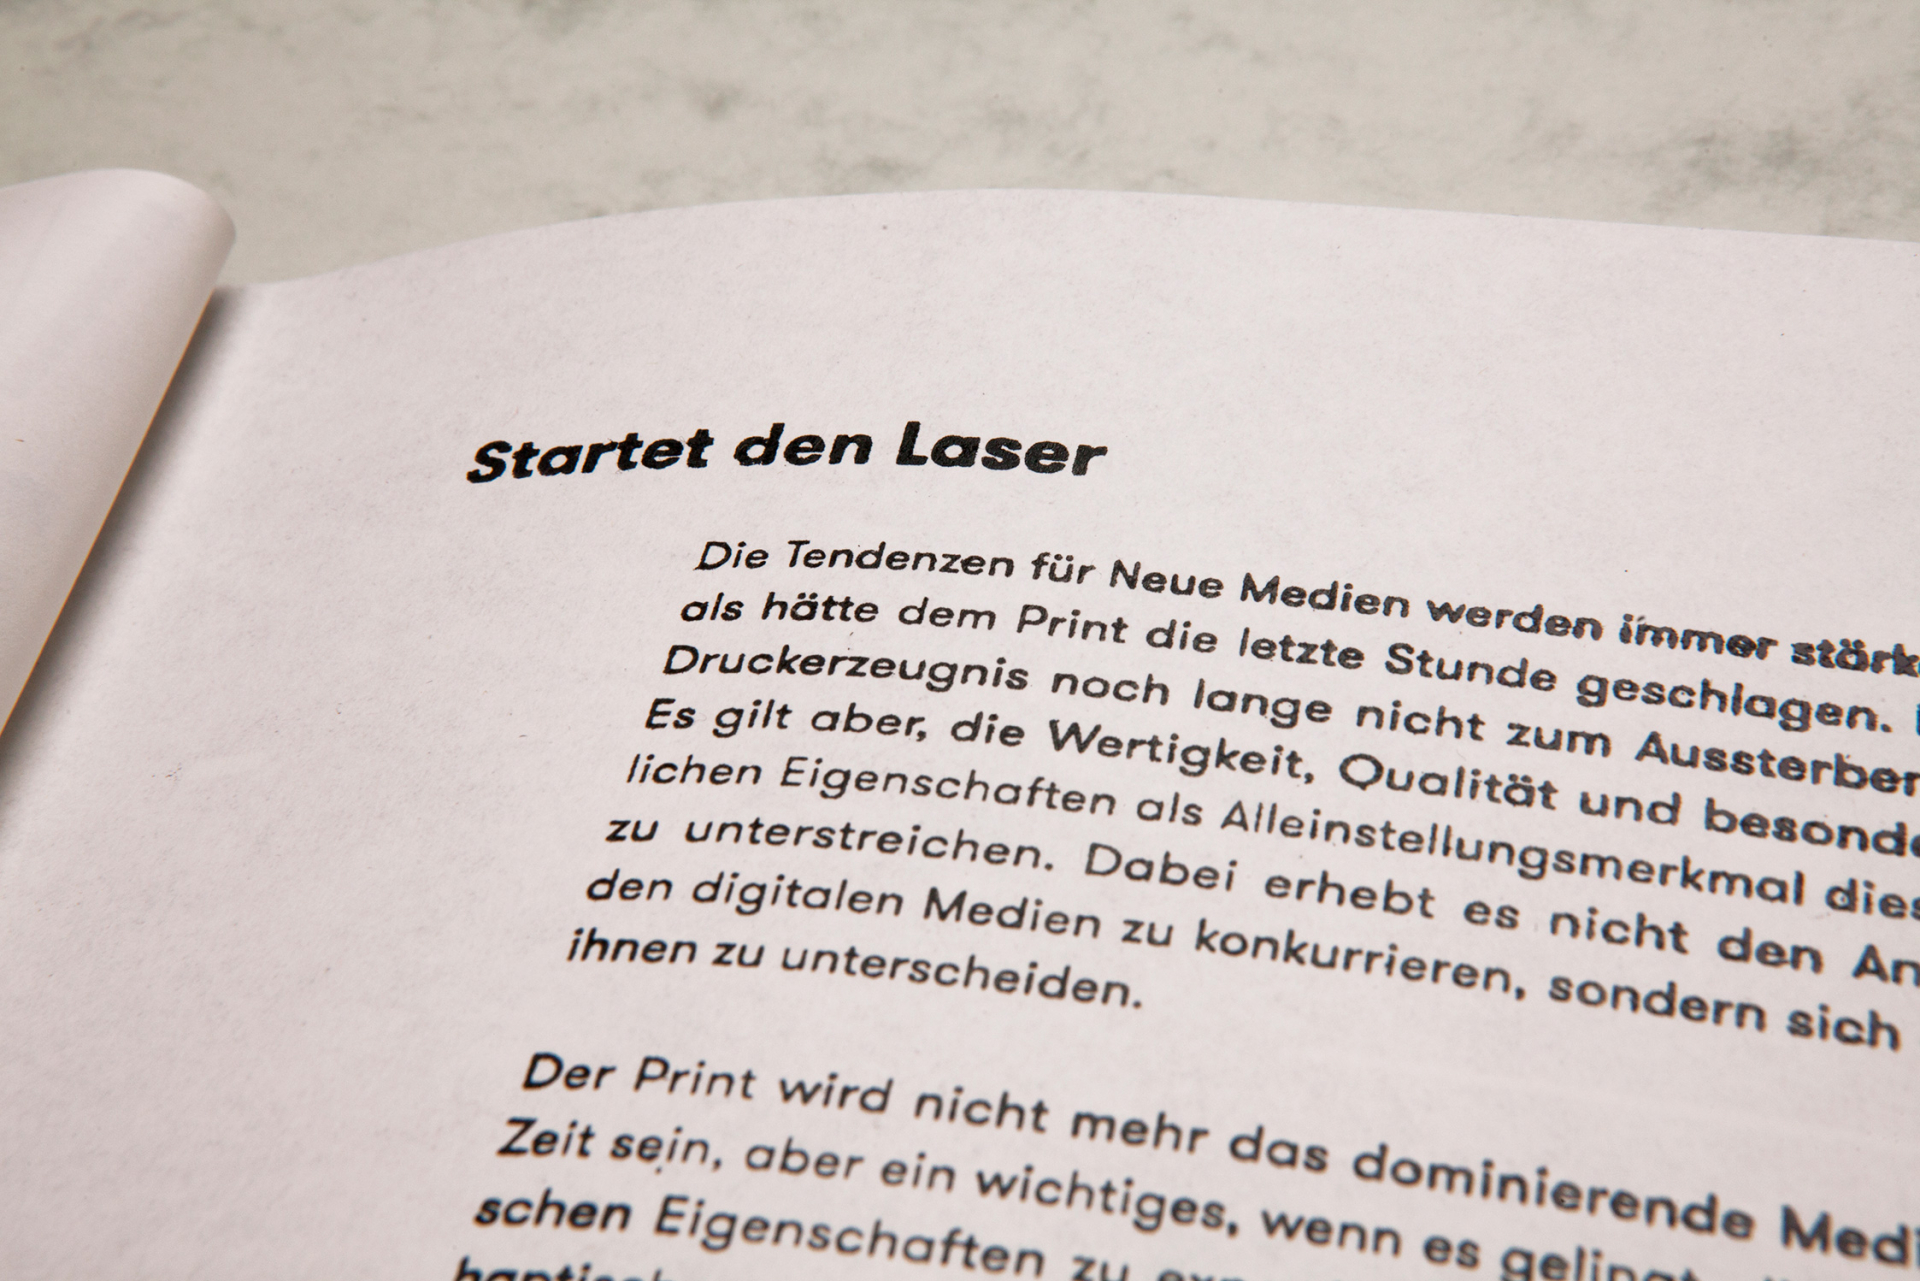 Katrin Behrens Startet den Laser, Bachelor